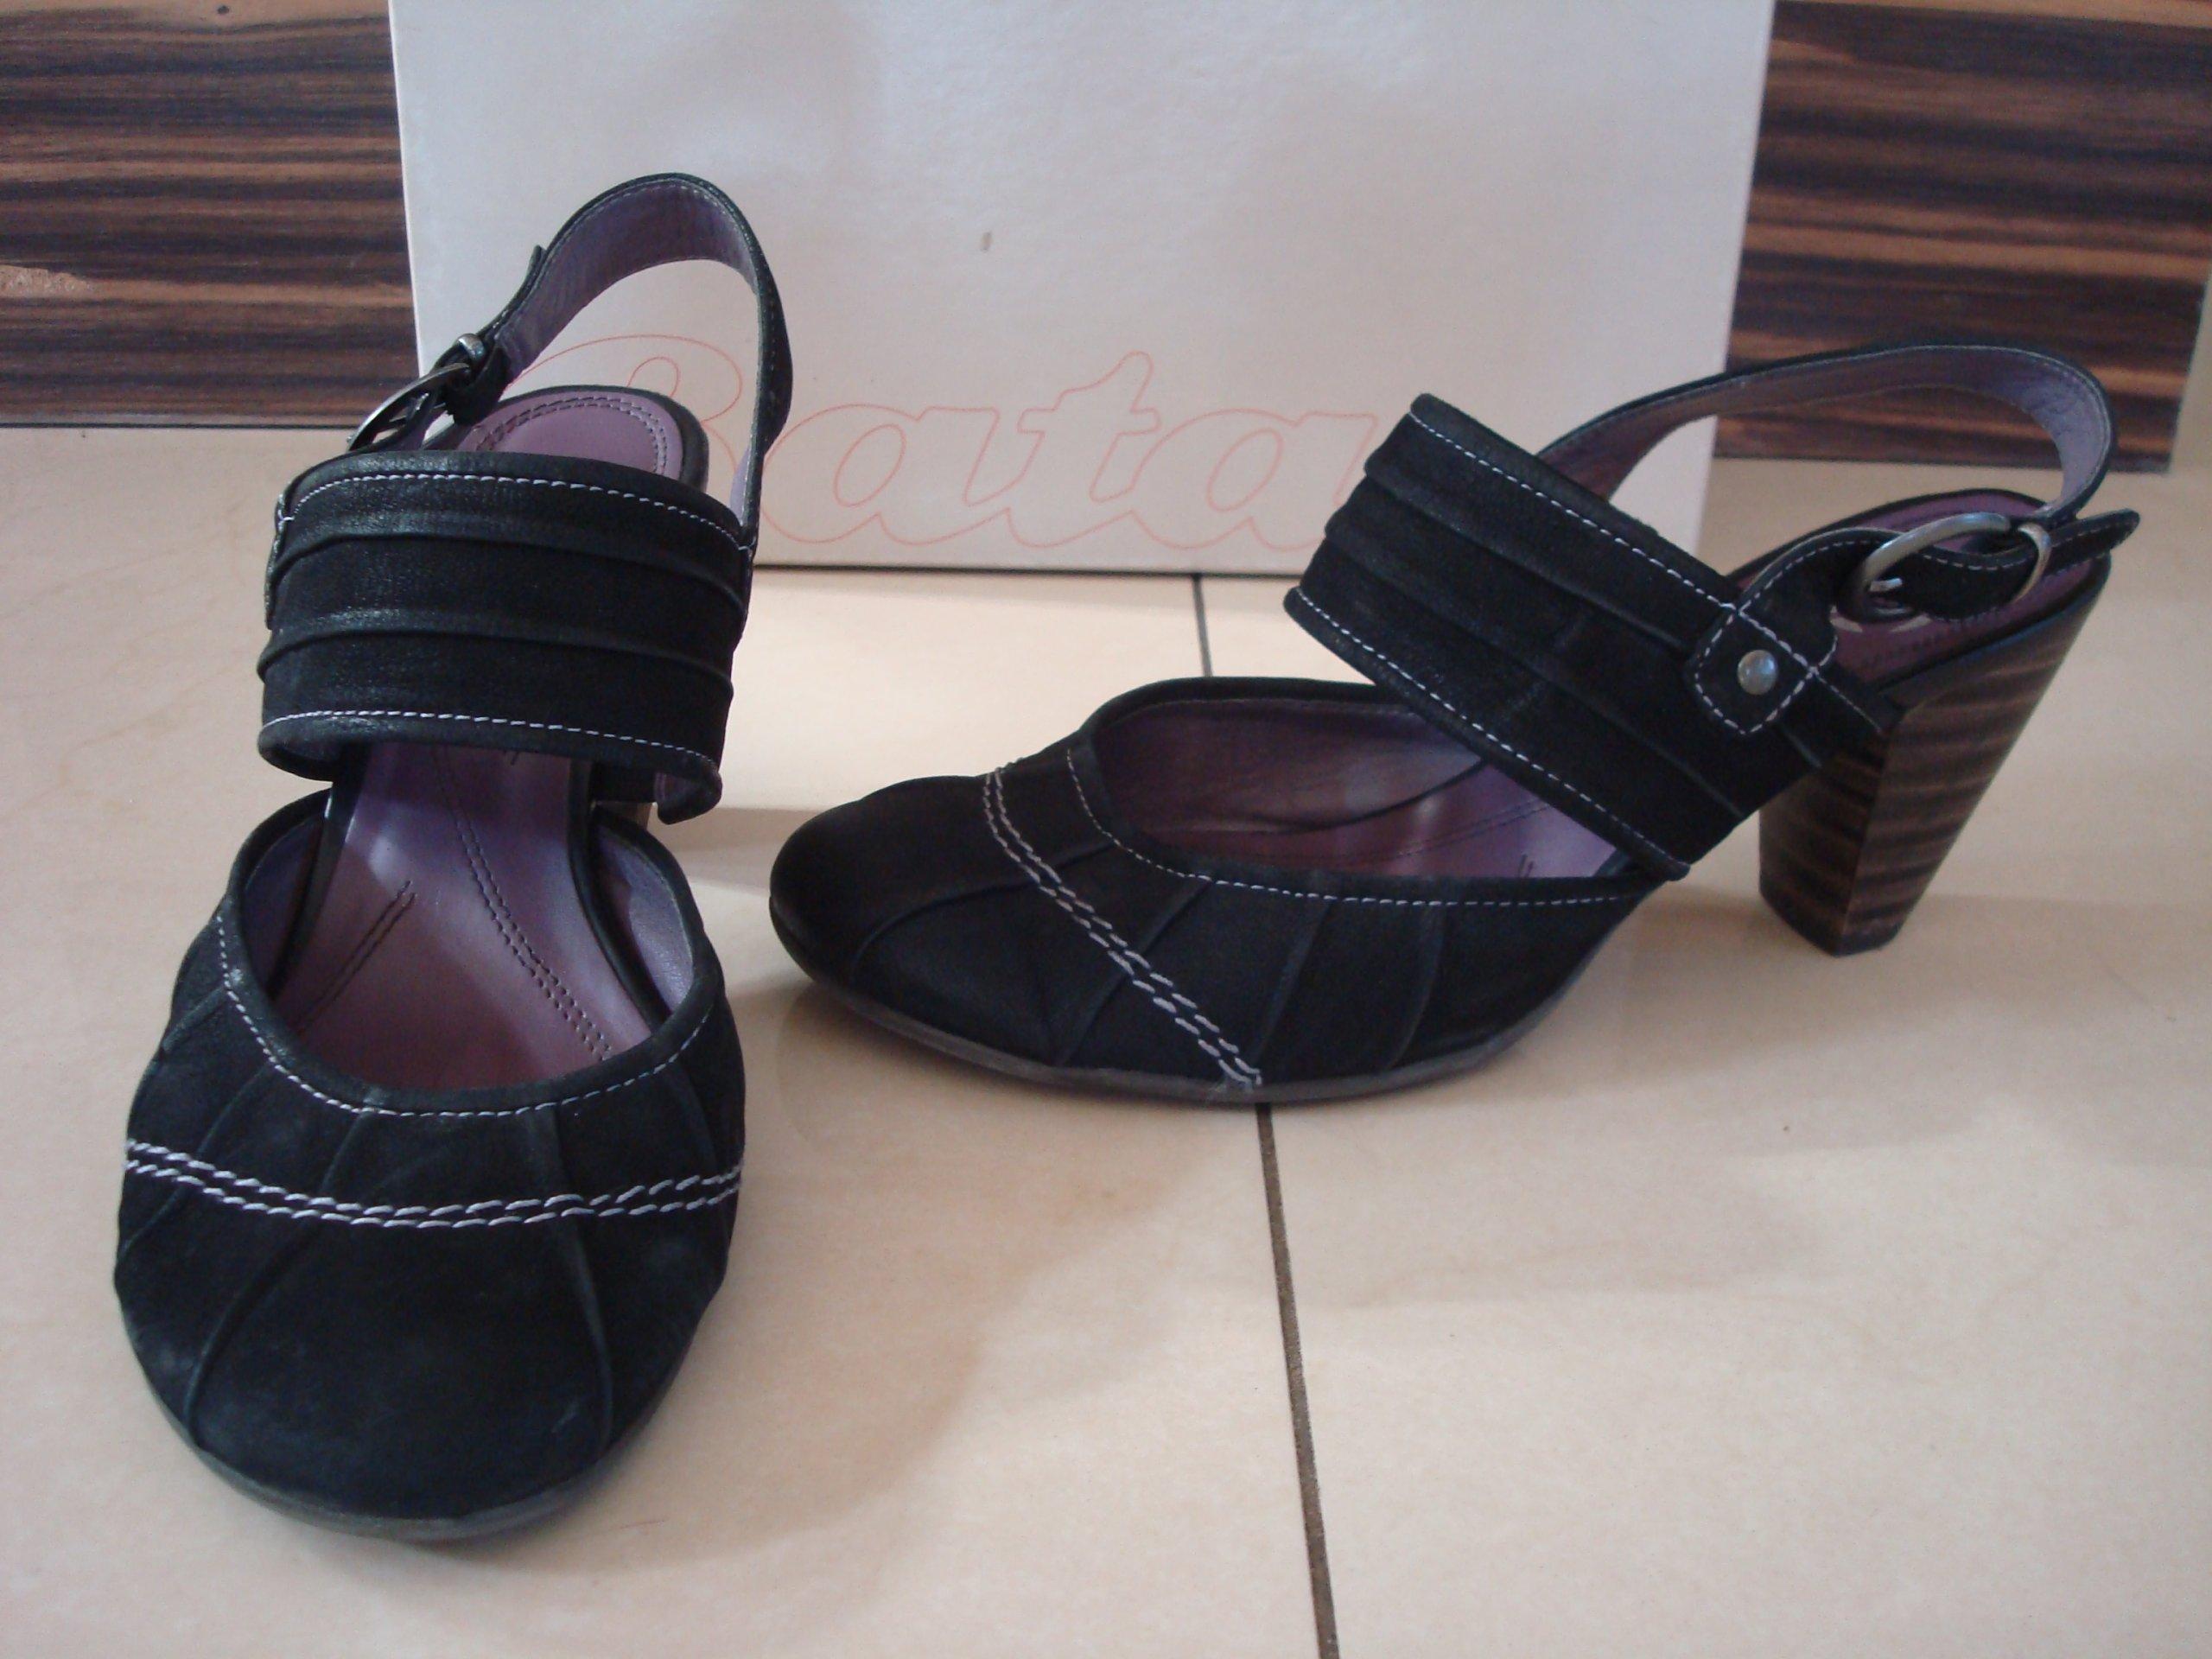 2b178faefd746 Jak nowe skórzane sandały BATA roz. 38 - 7464960049 - oficjalne ...